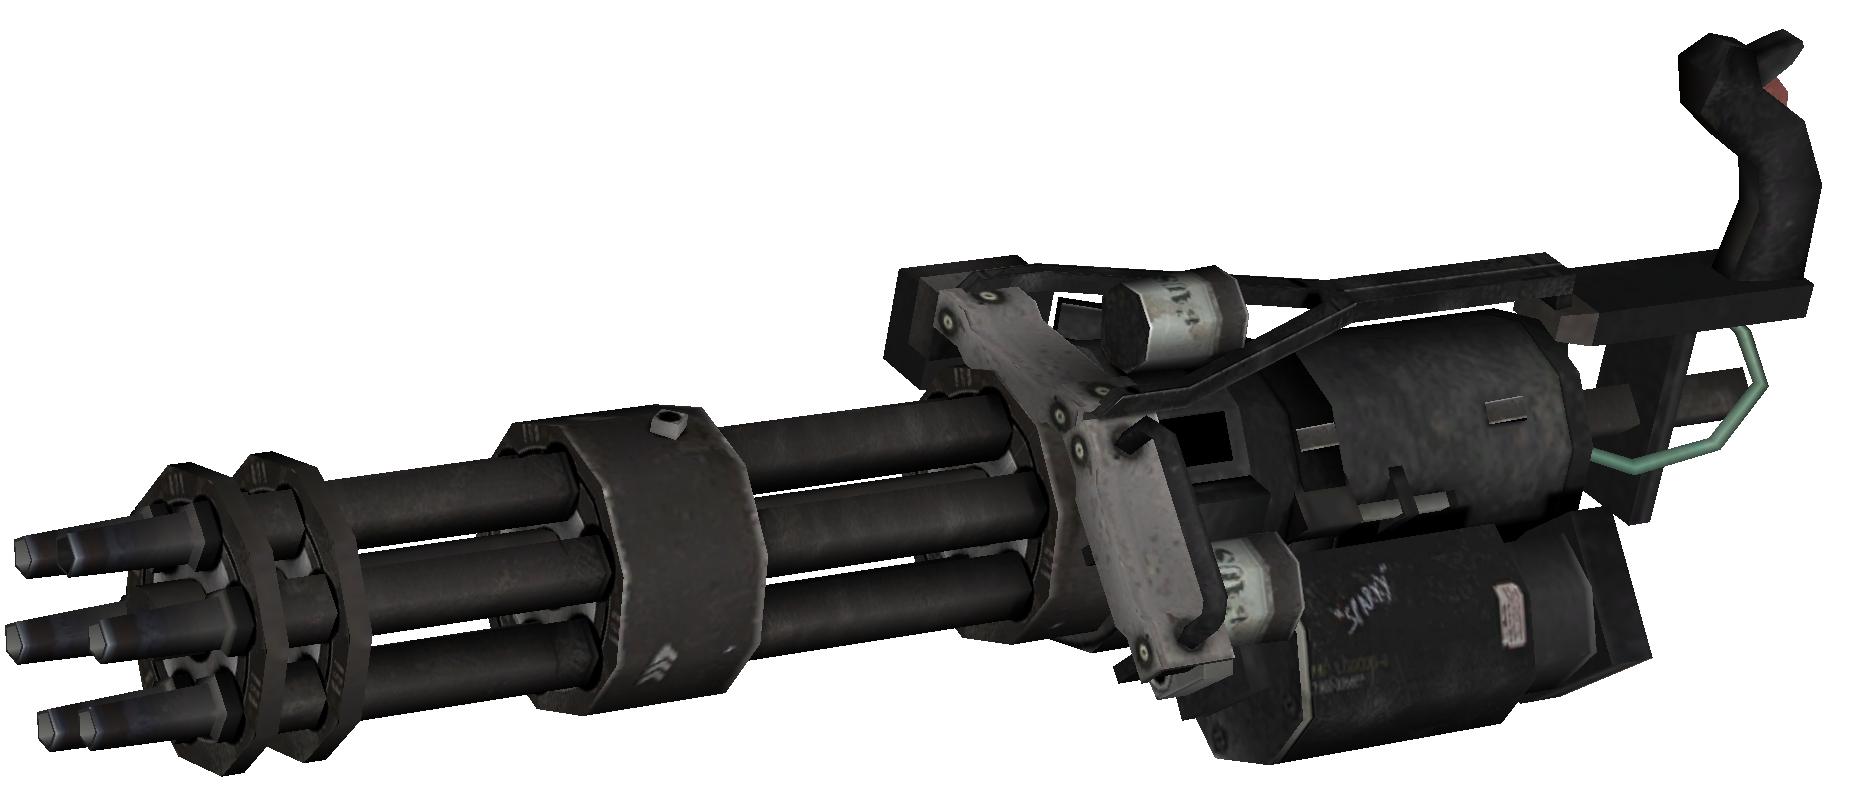 Machina śmierci Call Of Duty Wiki Fandom Powered By Wikia